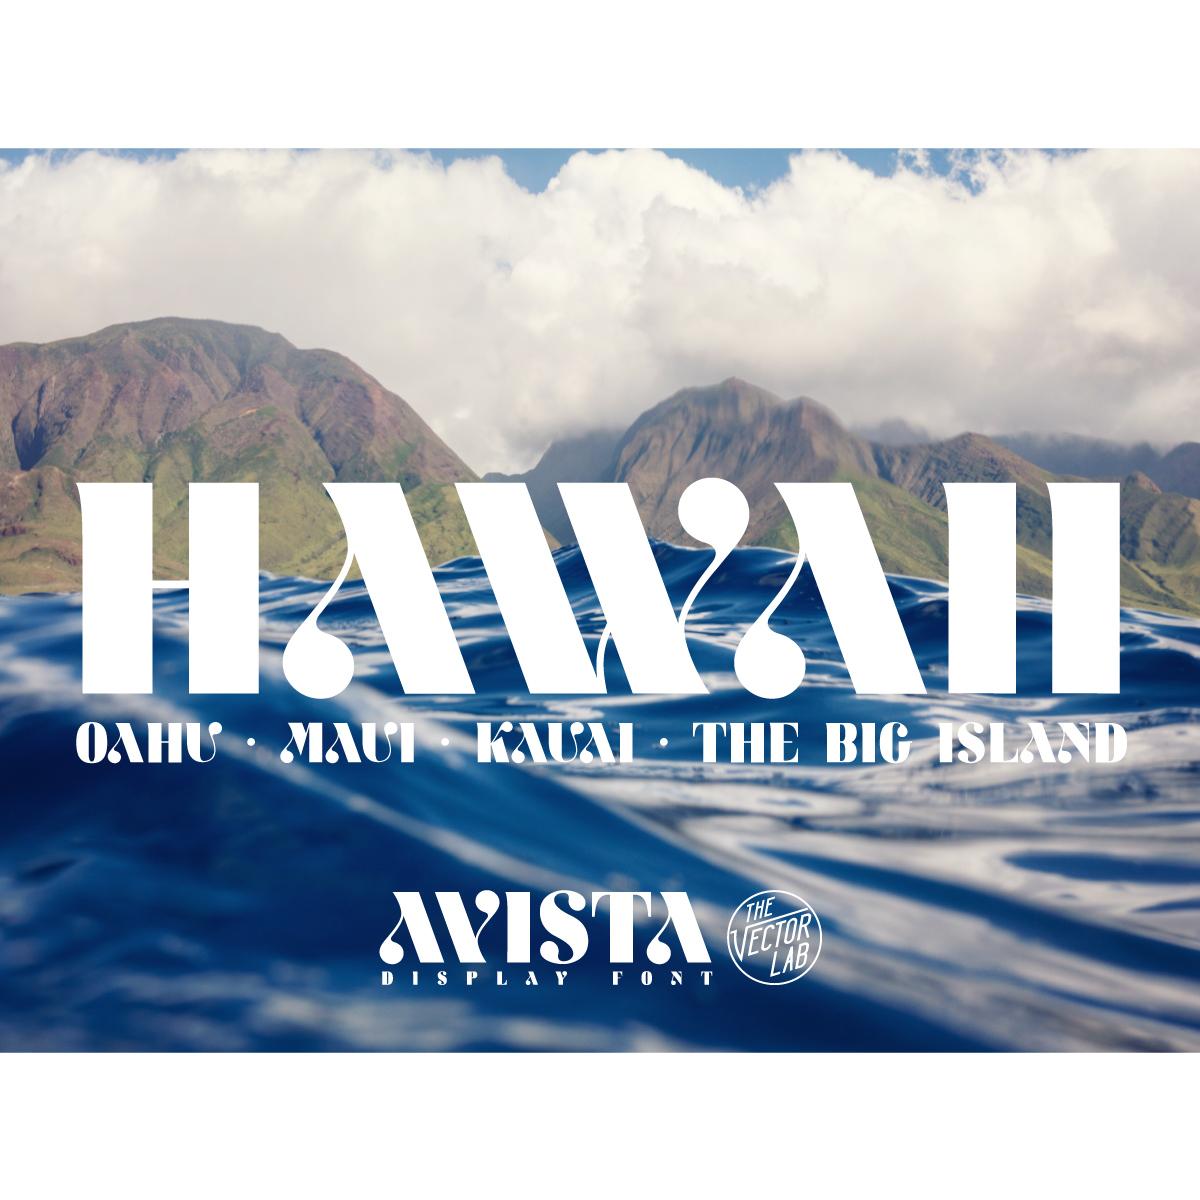 Hawaii - AVISTA font by Ray Dombroski & TheVectorLab